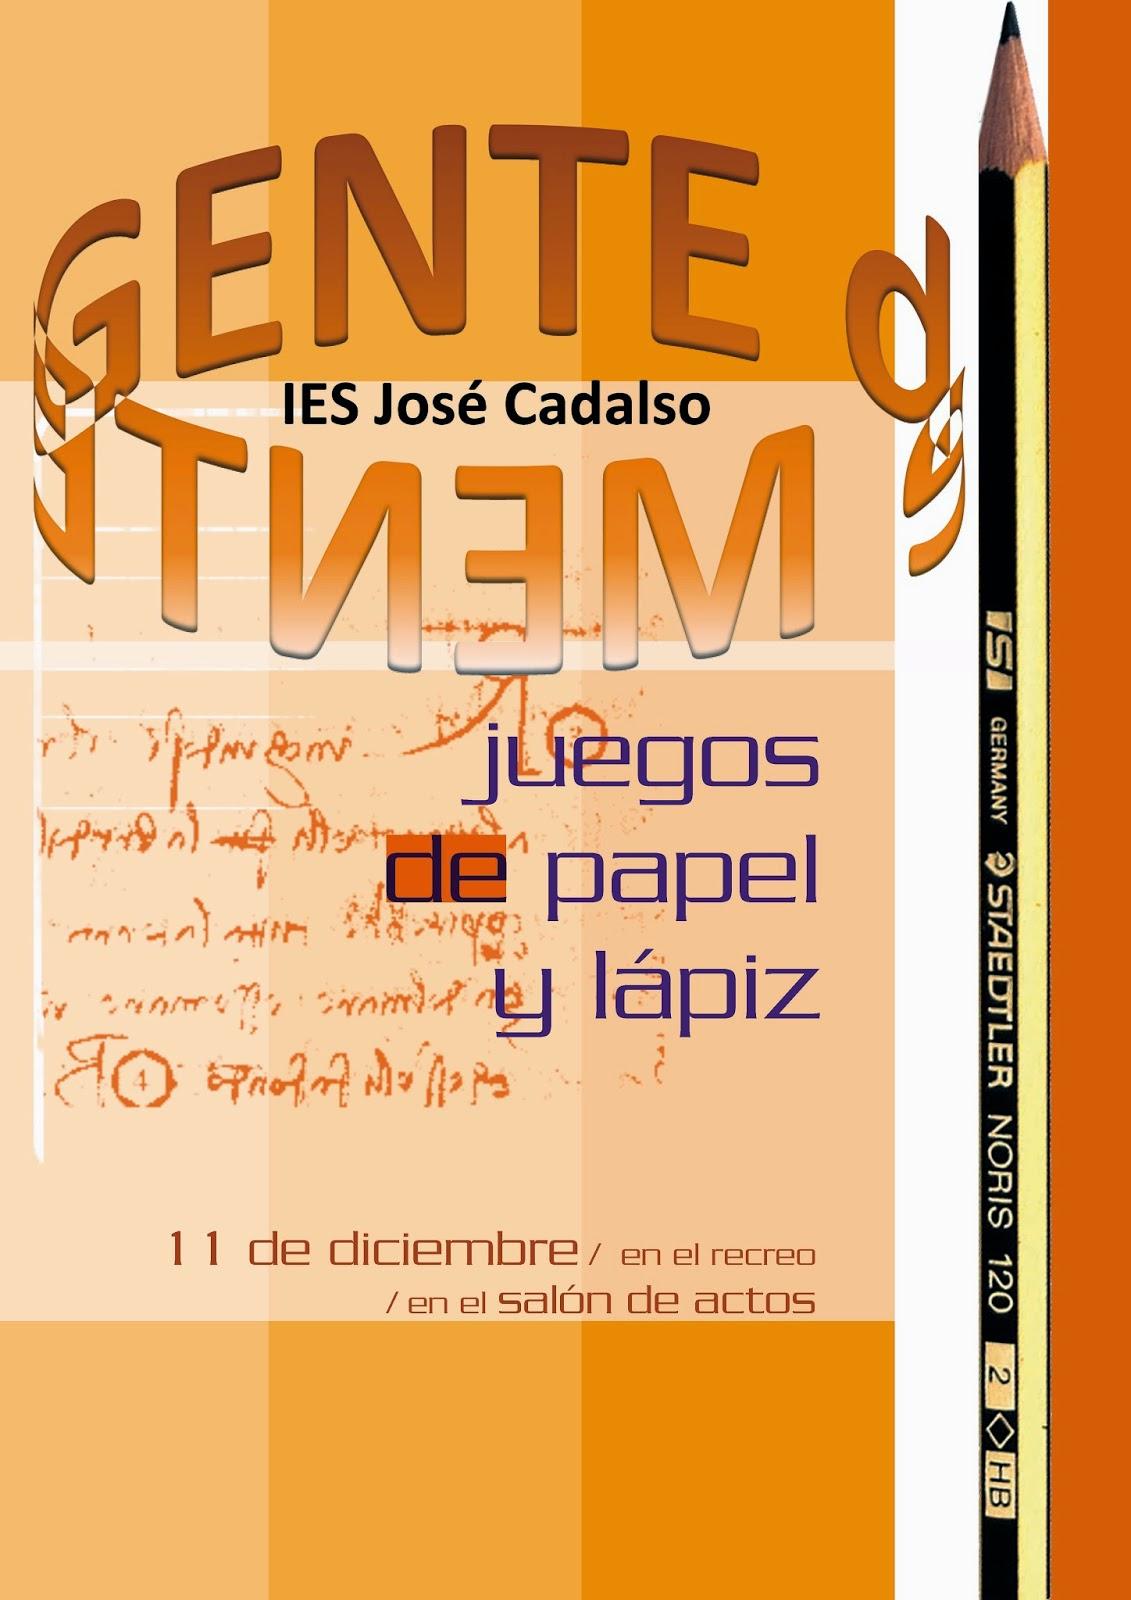 I E S Jose Cadalso Primera Edicion Juegos De Papel Y Lapiz